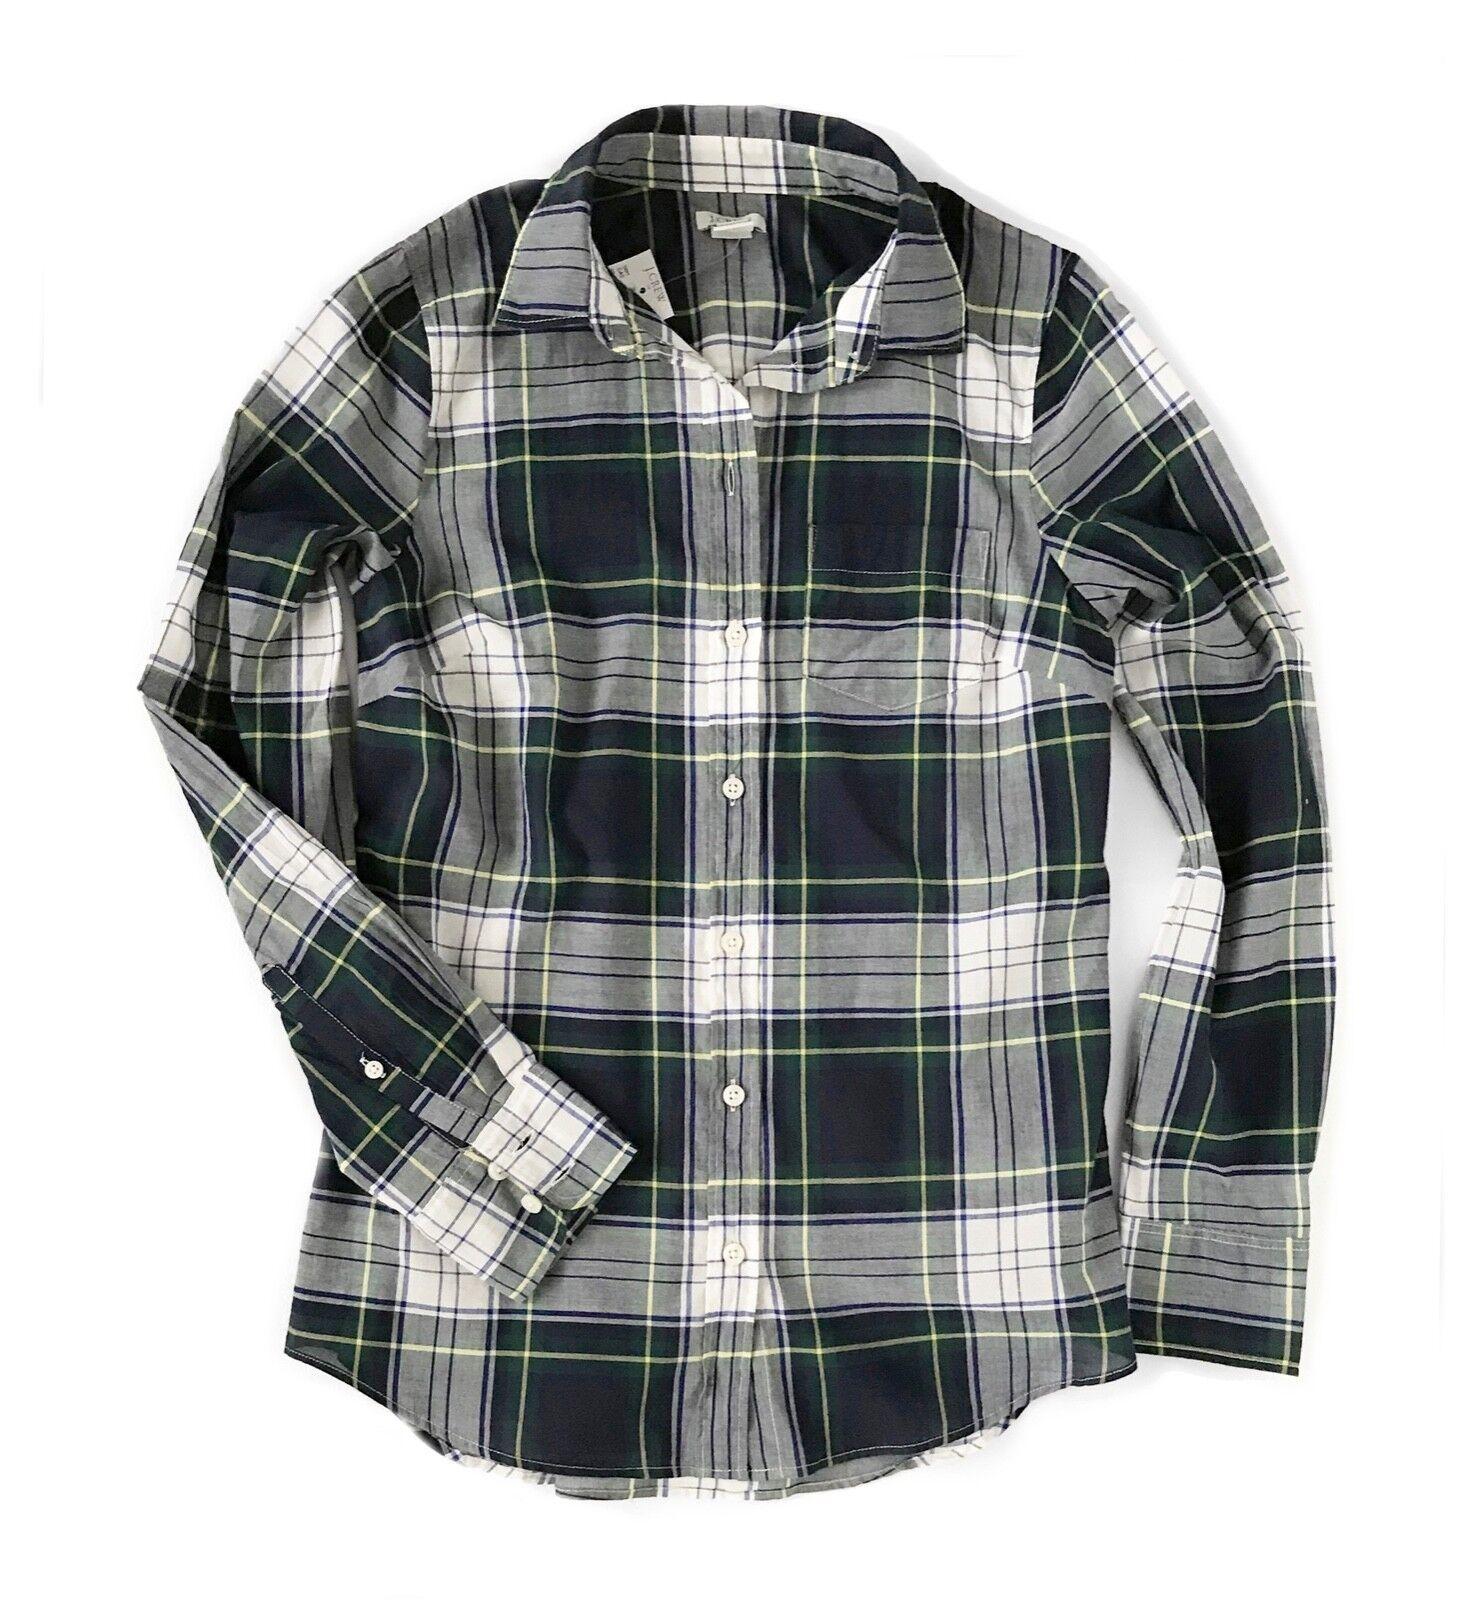 J.Crew Factory Womens XS - Light-Weight Navy Green Glen Plaid Button-Down Shirt